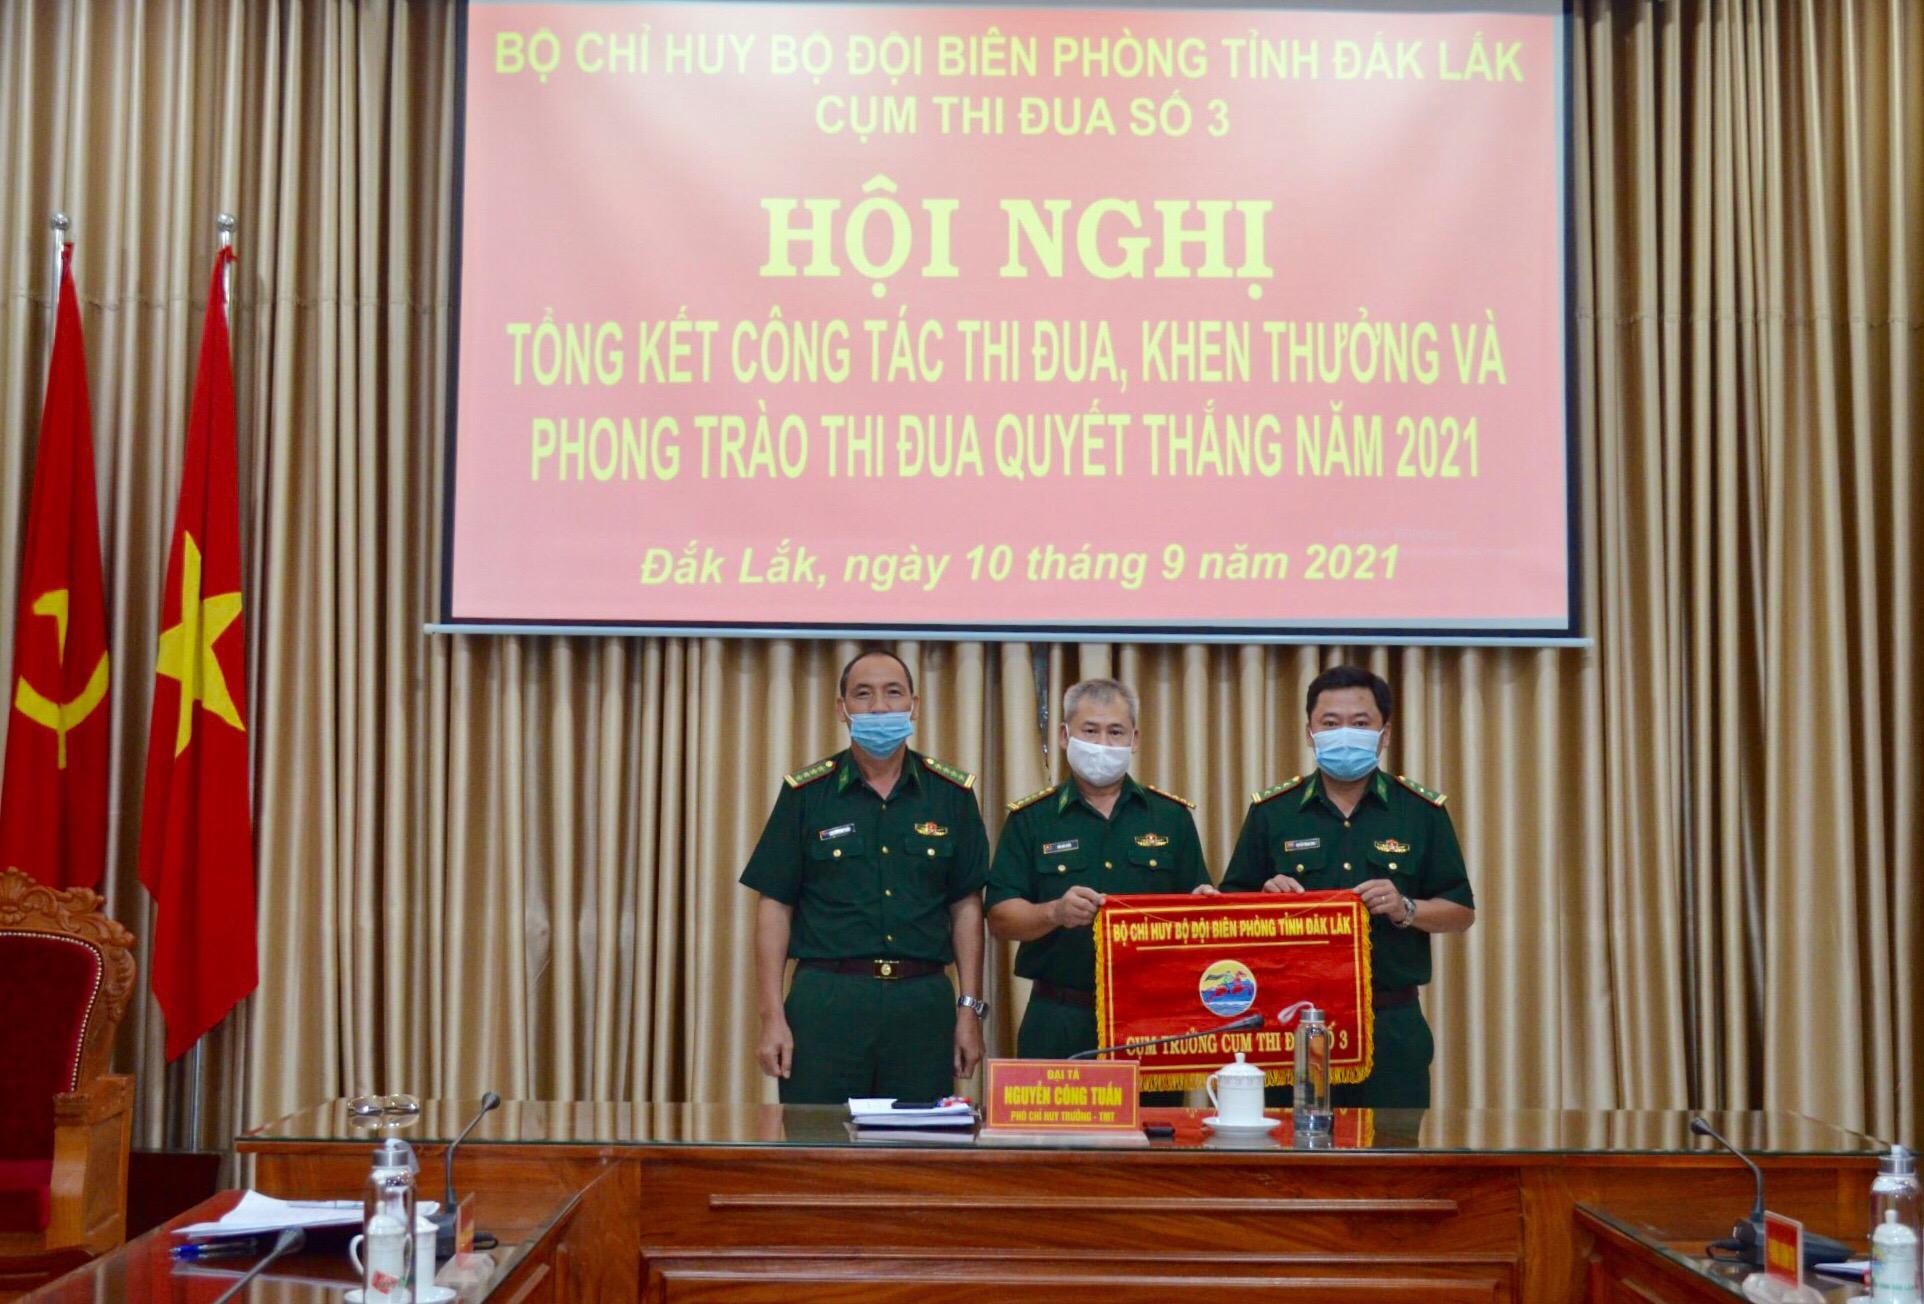 Cụm thi đua số 3, Bộ đội Biên phòng tỉnh Đắk Lắk tổng kết công tác thi đua khen thưởng